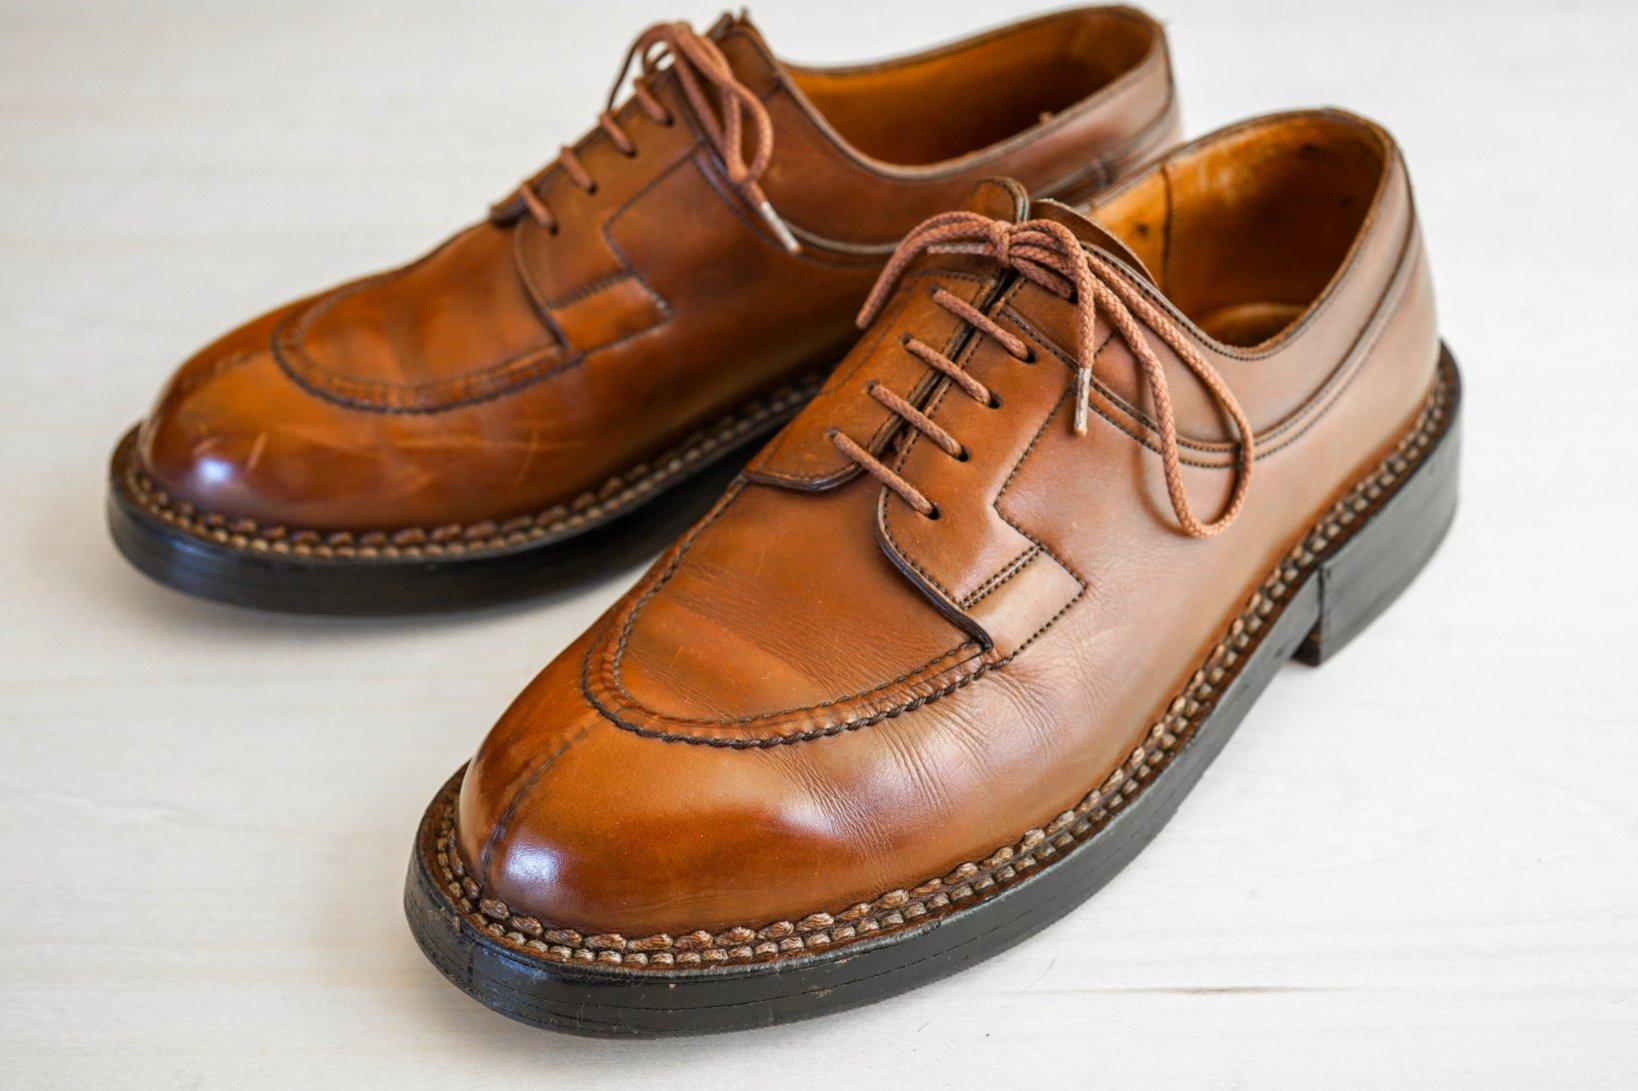 フランスの靴ブランド「J.M.WESTON(ジェイエムウエストン)」のUチップ。モデルは「Hunt Derby(ハントダービー)」。